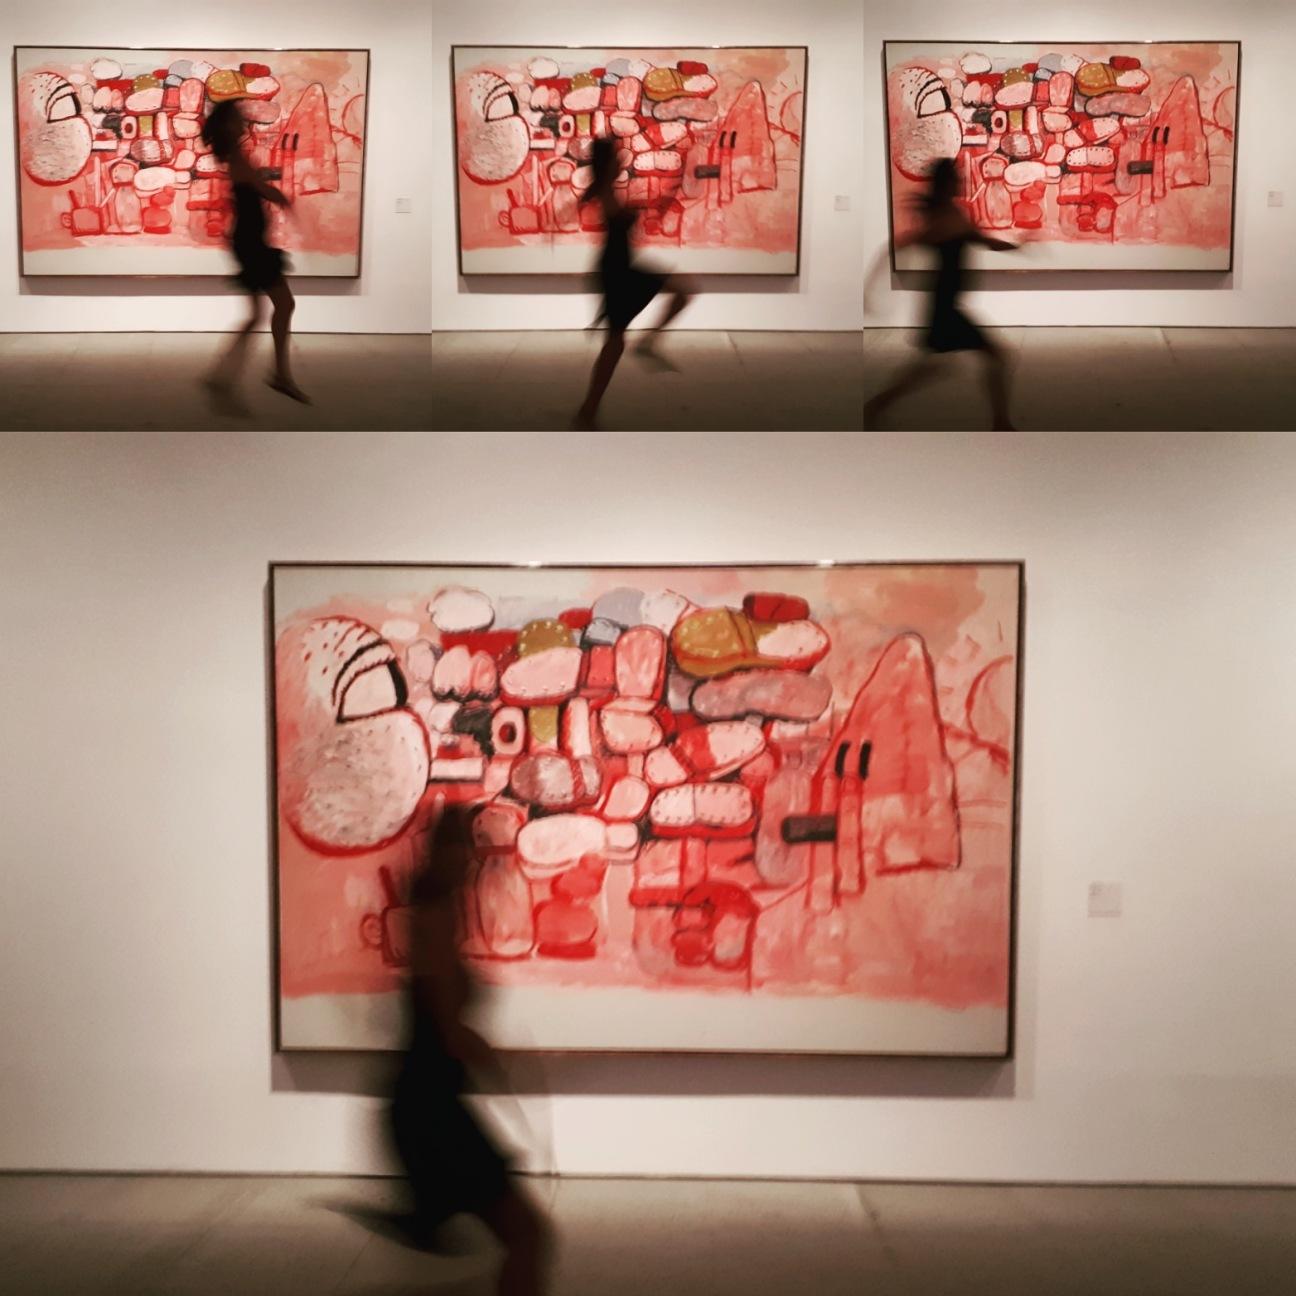 Museo Reina Sofia - Collezione permanente - Confrontation (1974) di Philippe Guston